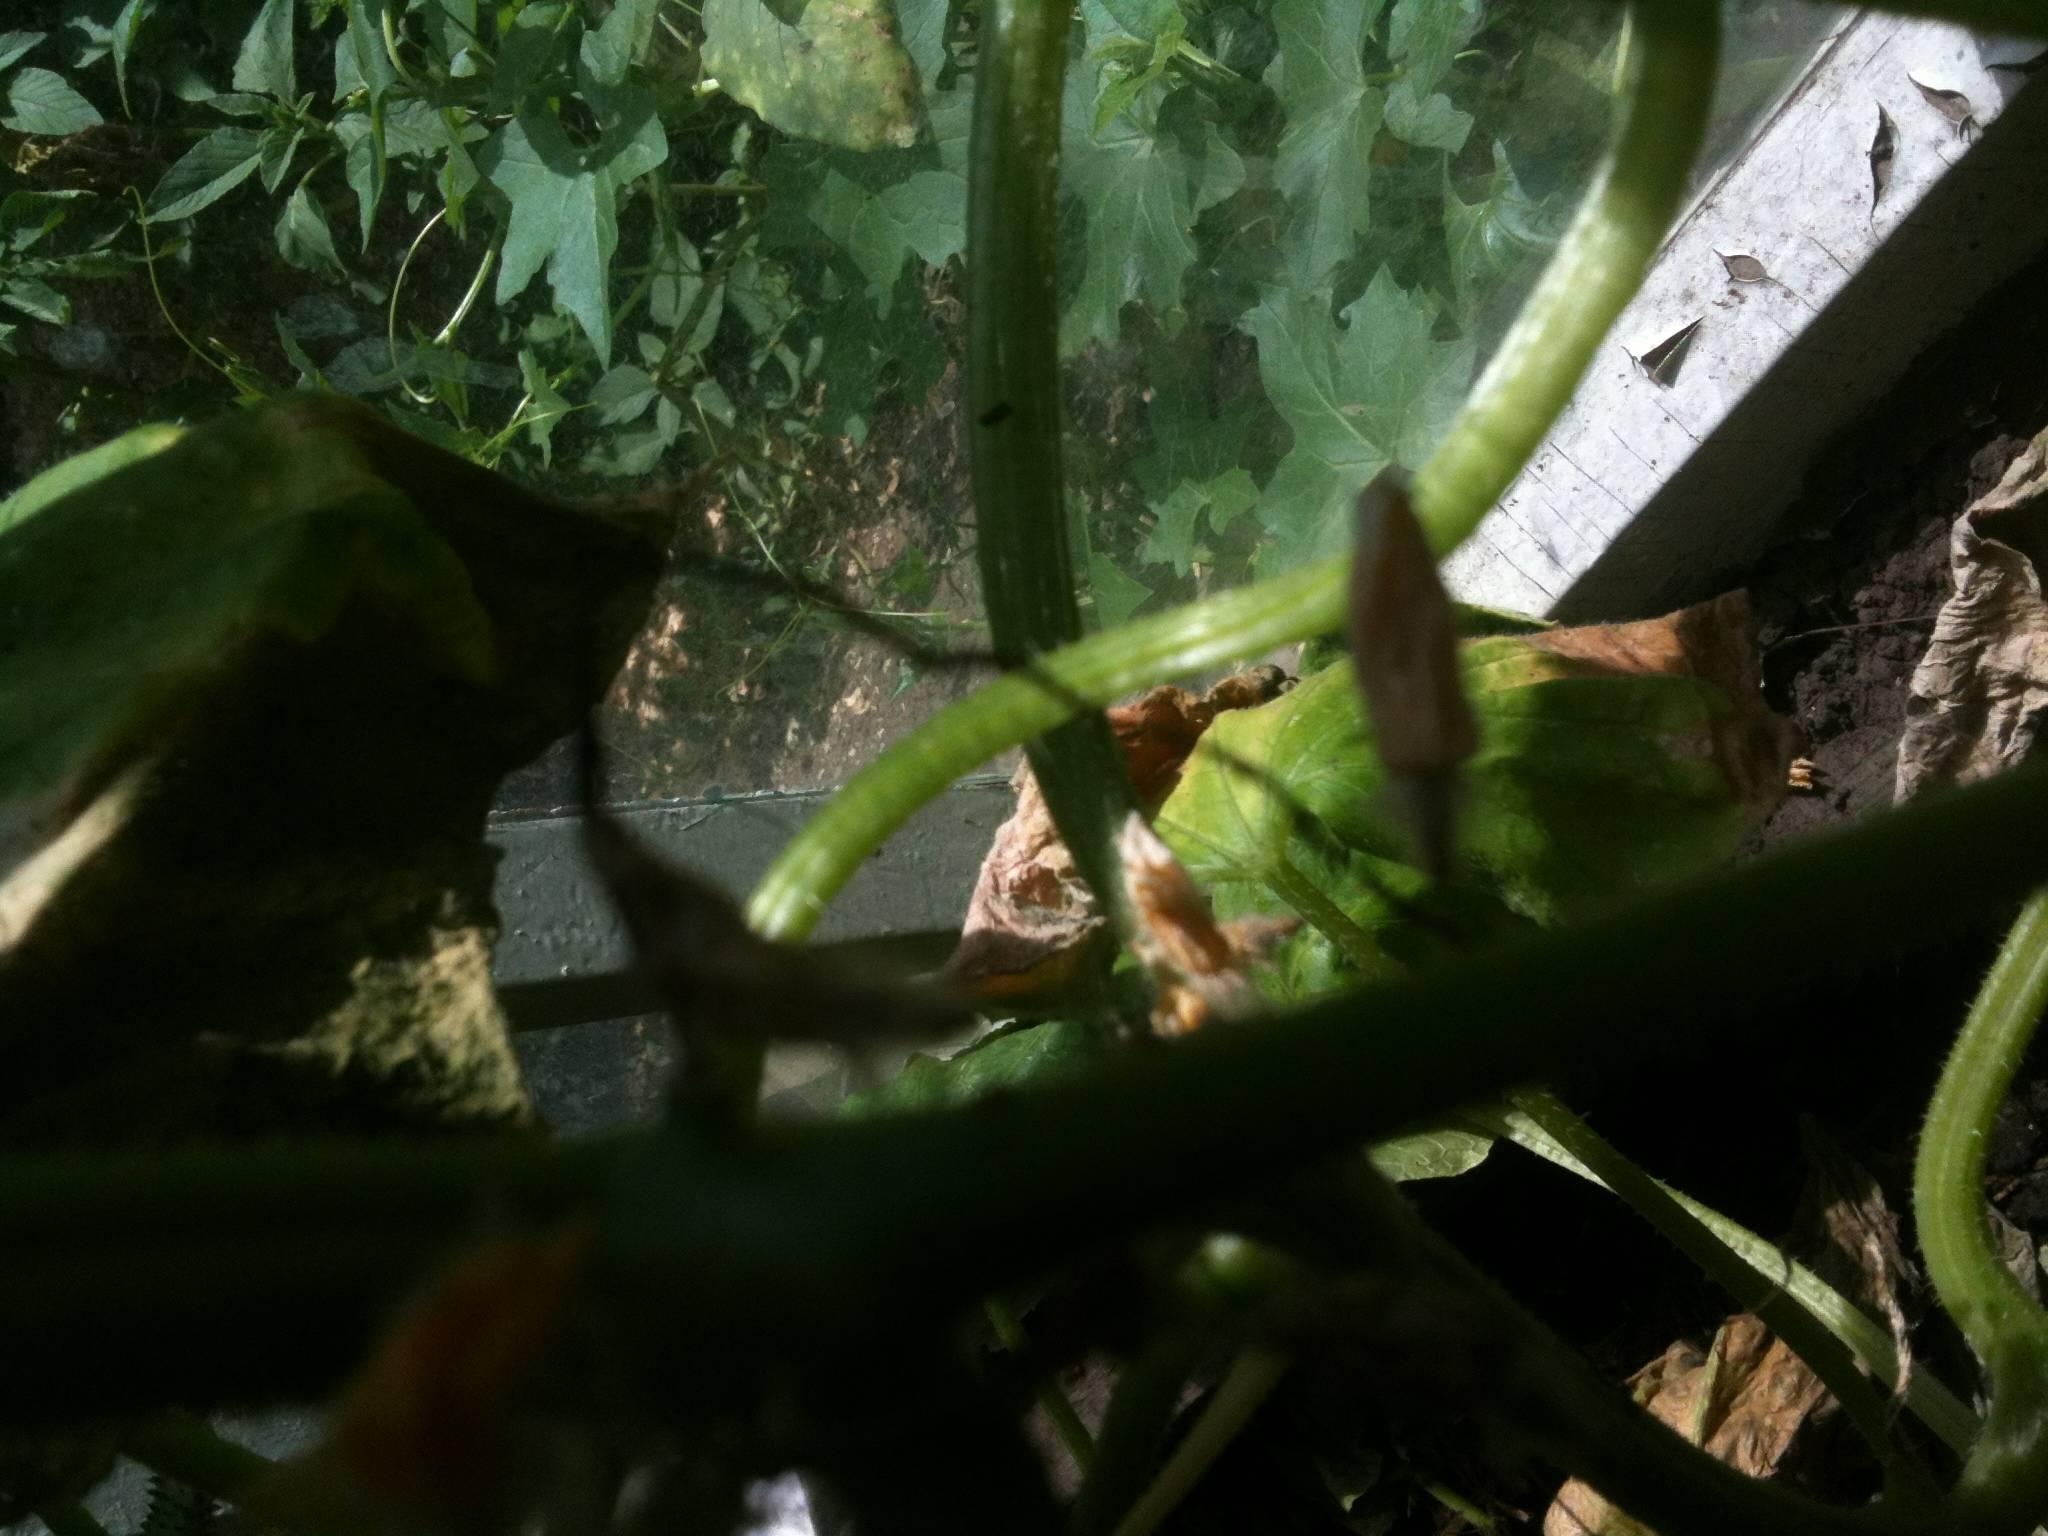 Завязь огурцов желтеет и не развивается: что делать с проблемными всходами и советы по восстановлению роста огурца (видео + 130 фото)